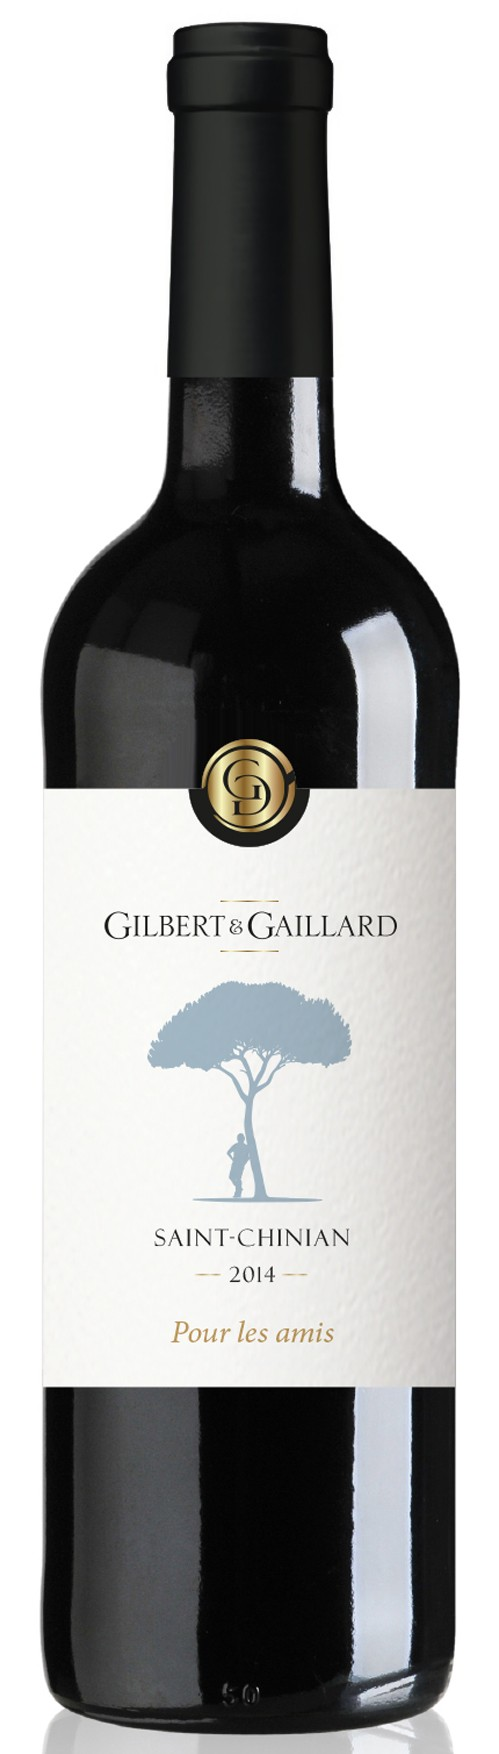 Château Gilbert & Gaillard - Saint-Chinian - Cuvée Pour les amis